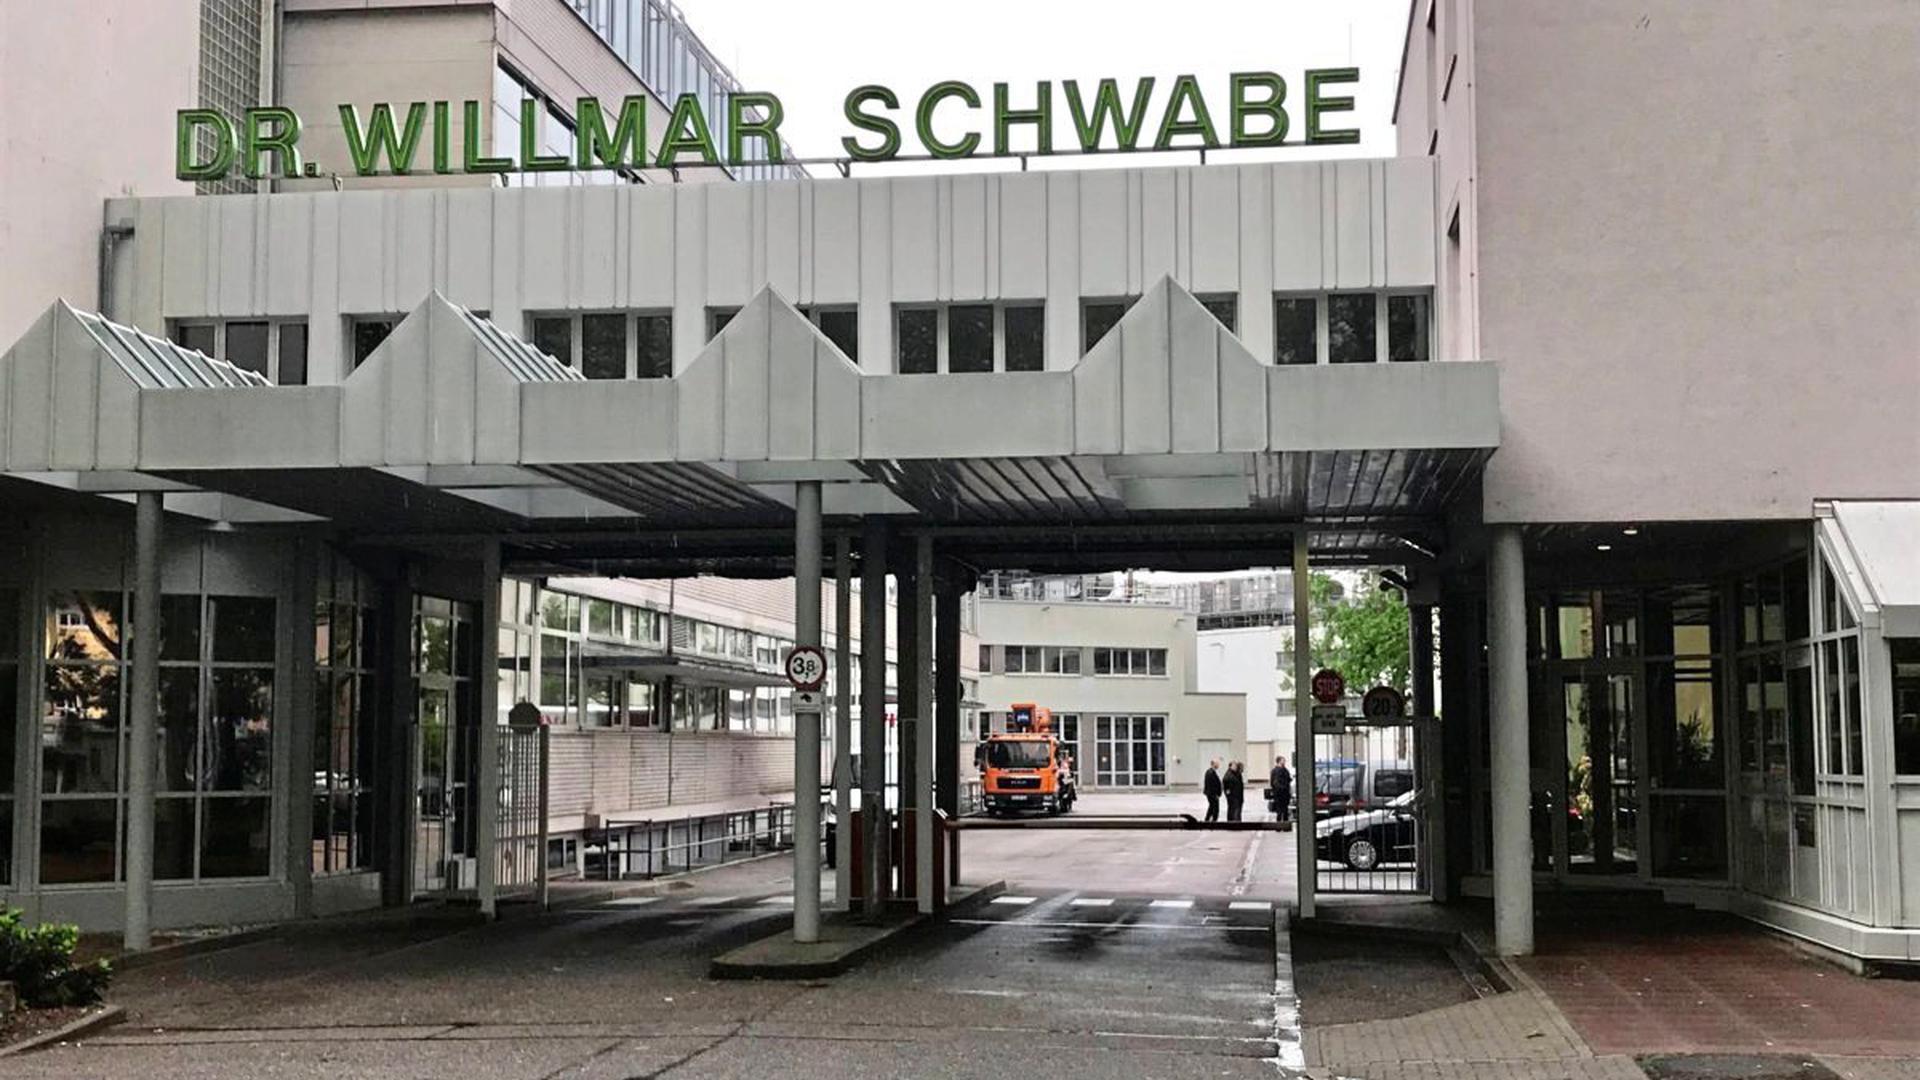 Der Pharmakonzern Schwabe aus Karlsruhe-Durlach führt gesetzlich vorgeschriebene Tierversuche durch – will aber nicht preisgeben, wie oft und mit wie vielen Tieren.